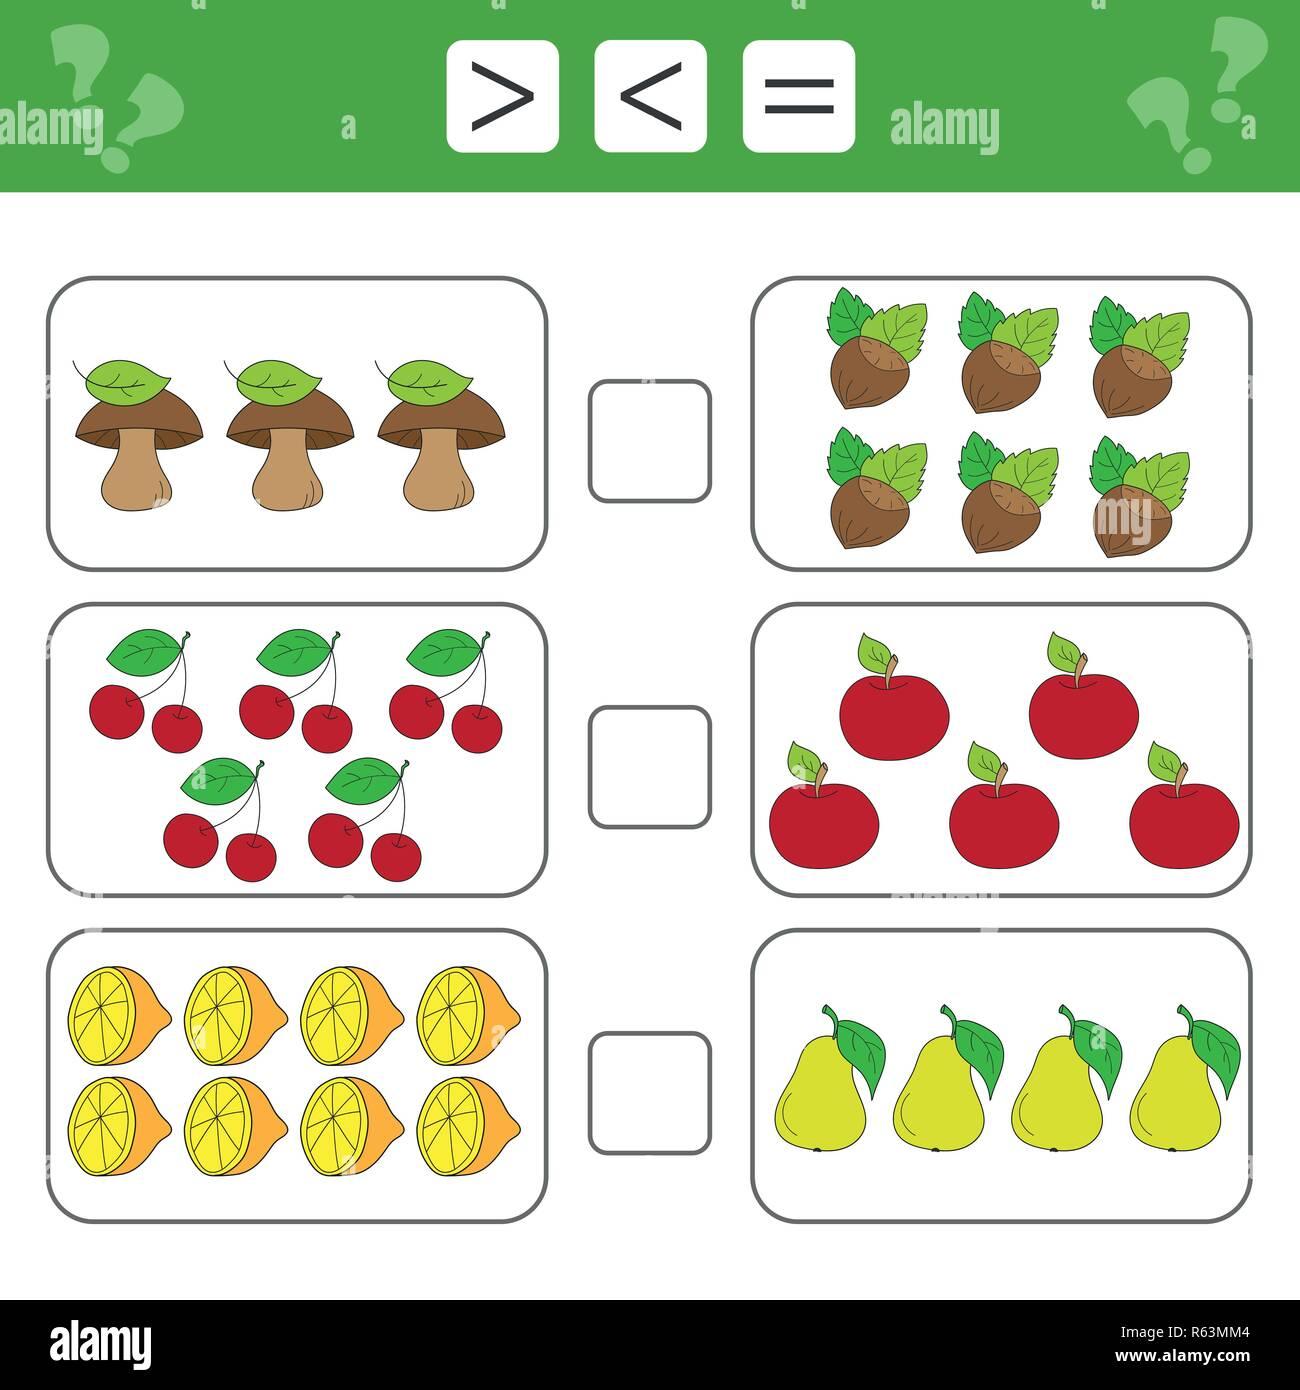 Food Math Stock Photos Amp Food Math Stock Images